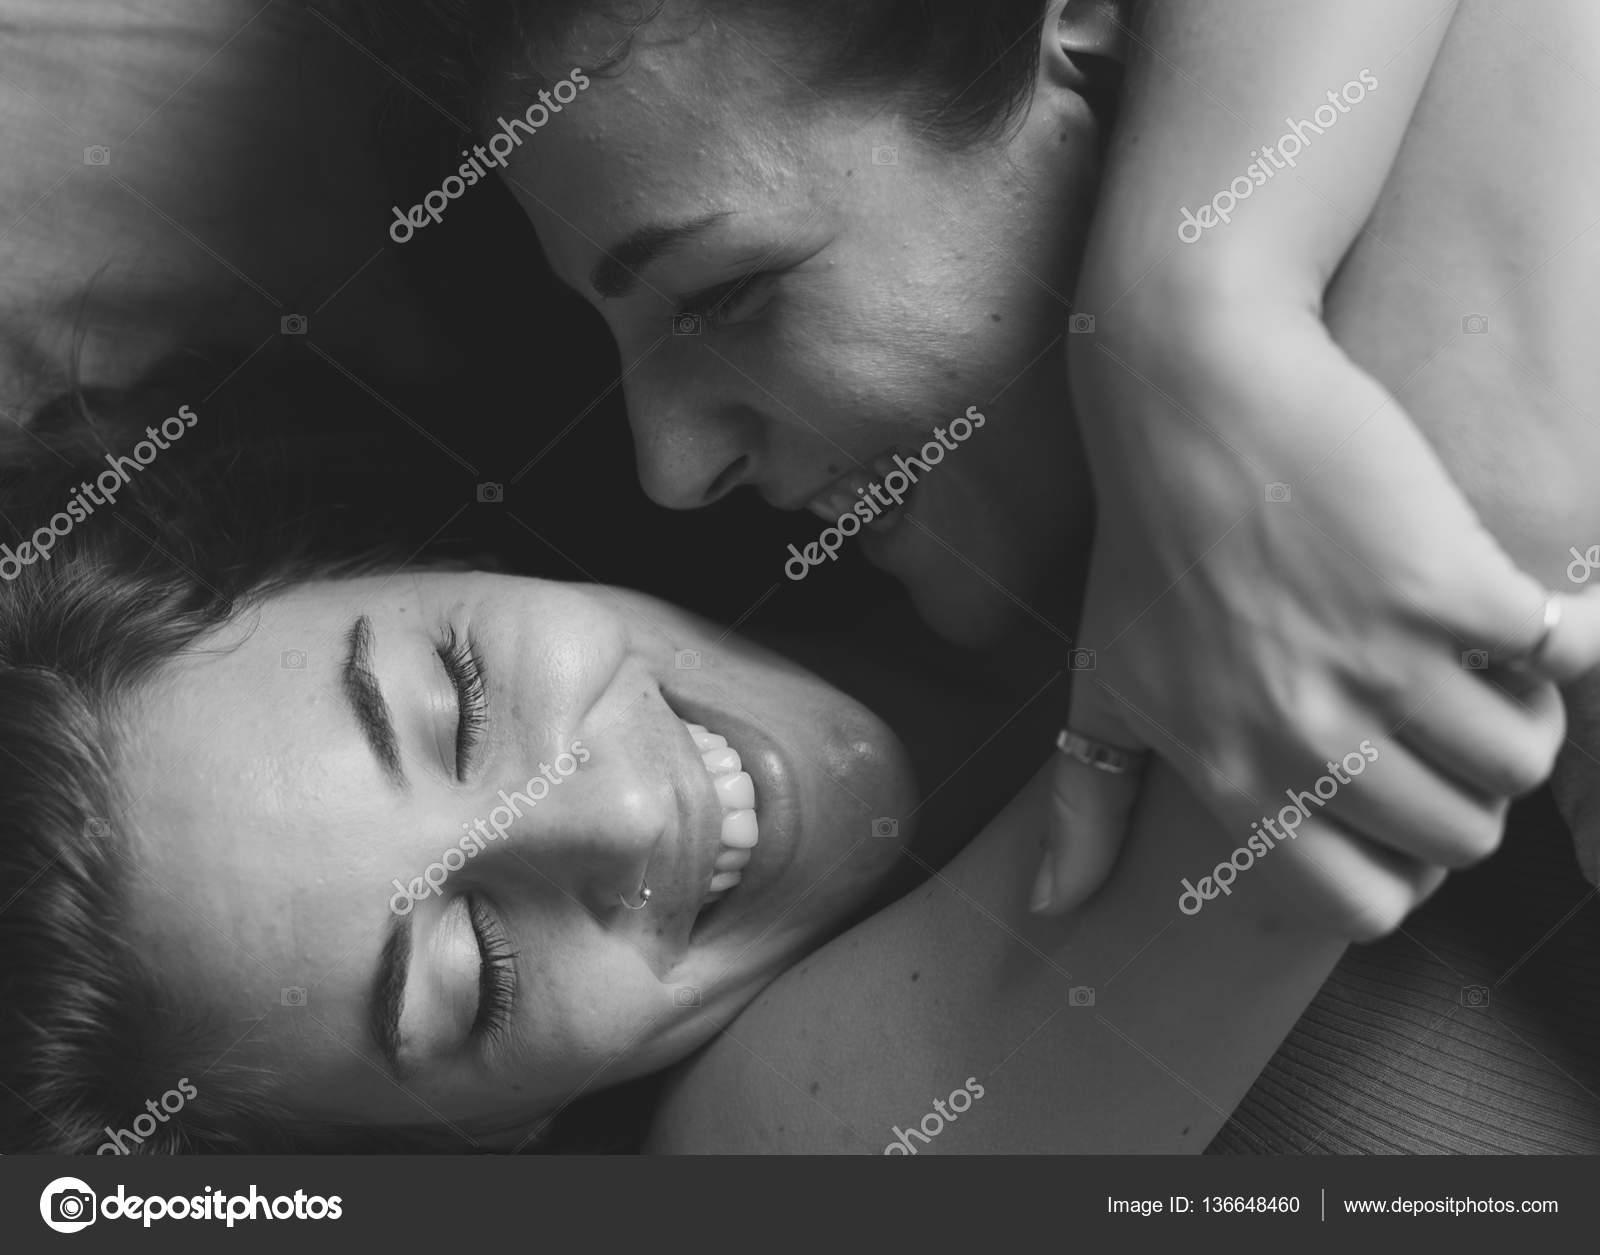 nero e latino lesbiche nigeriano anale porno